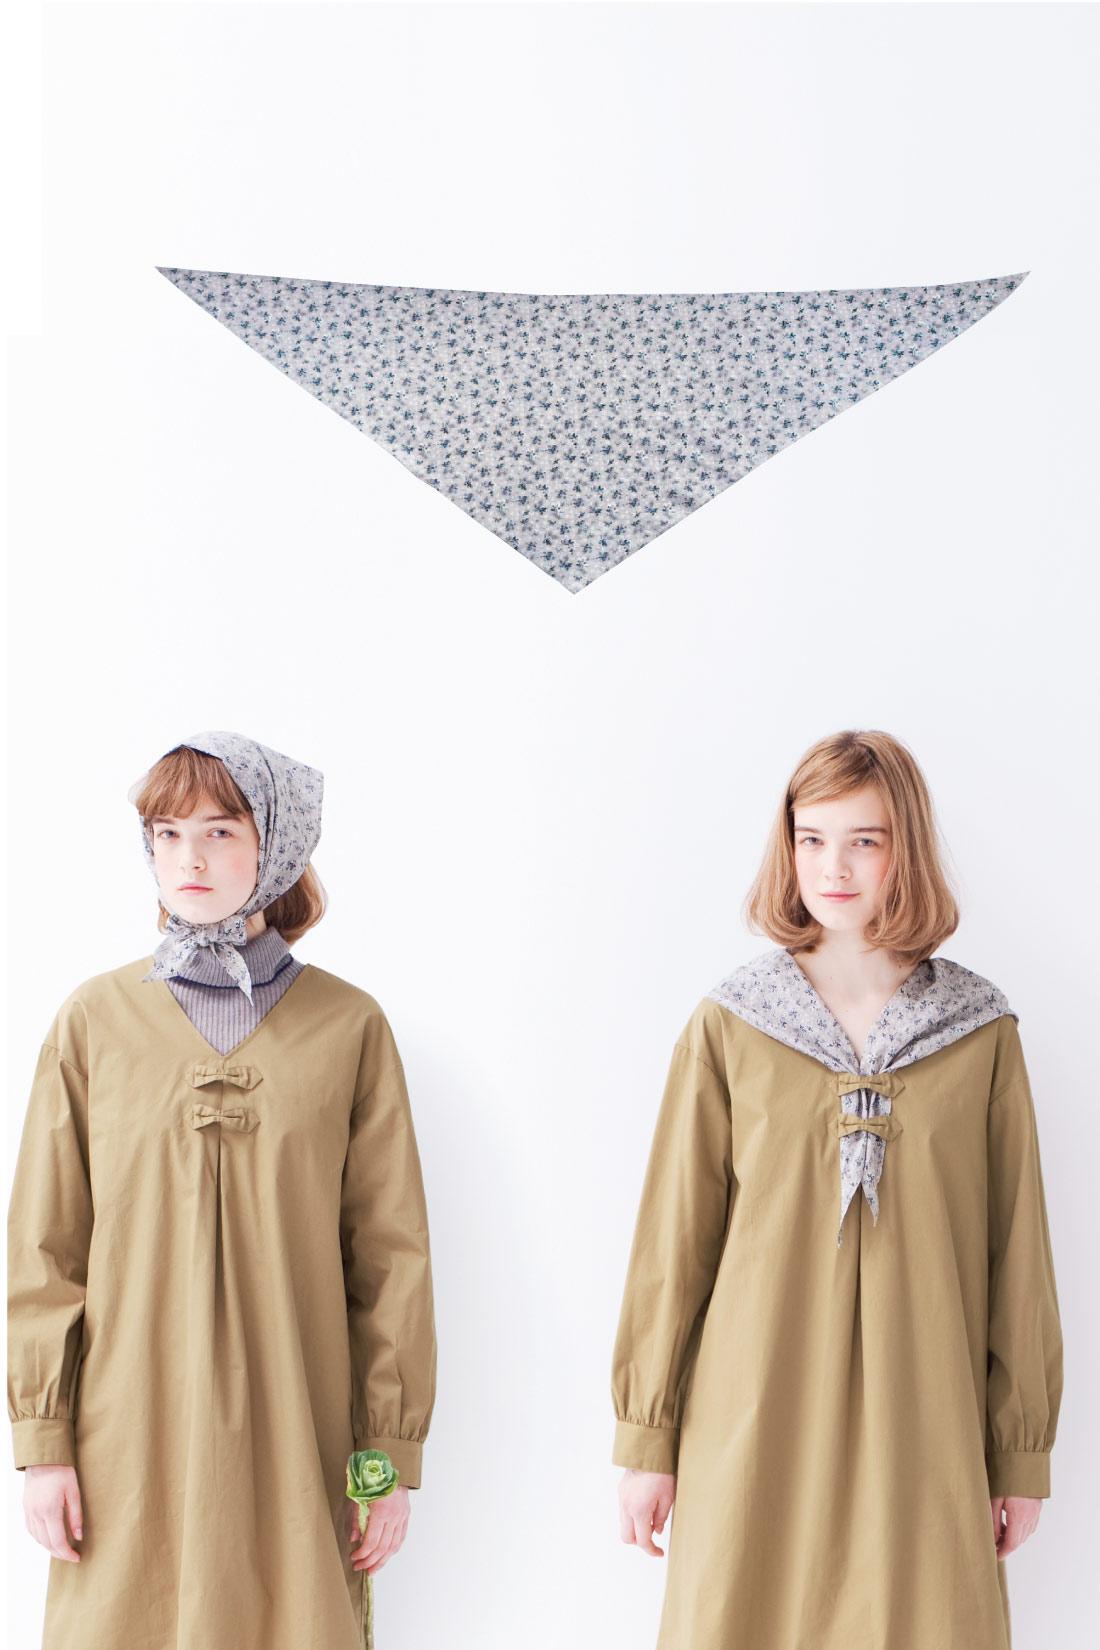 [スカーフはこんな形。]細長~い三角形をしています。